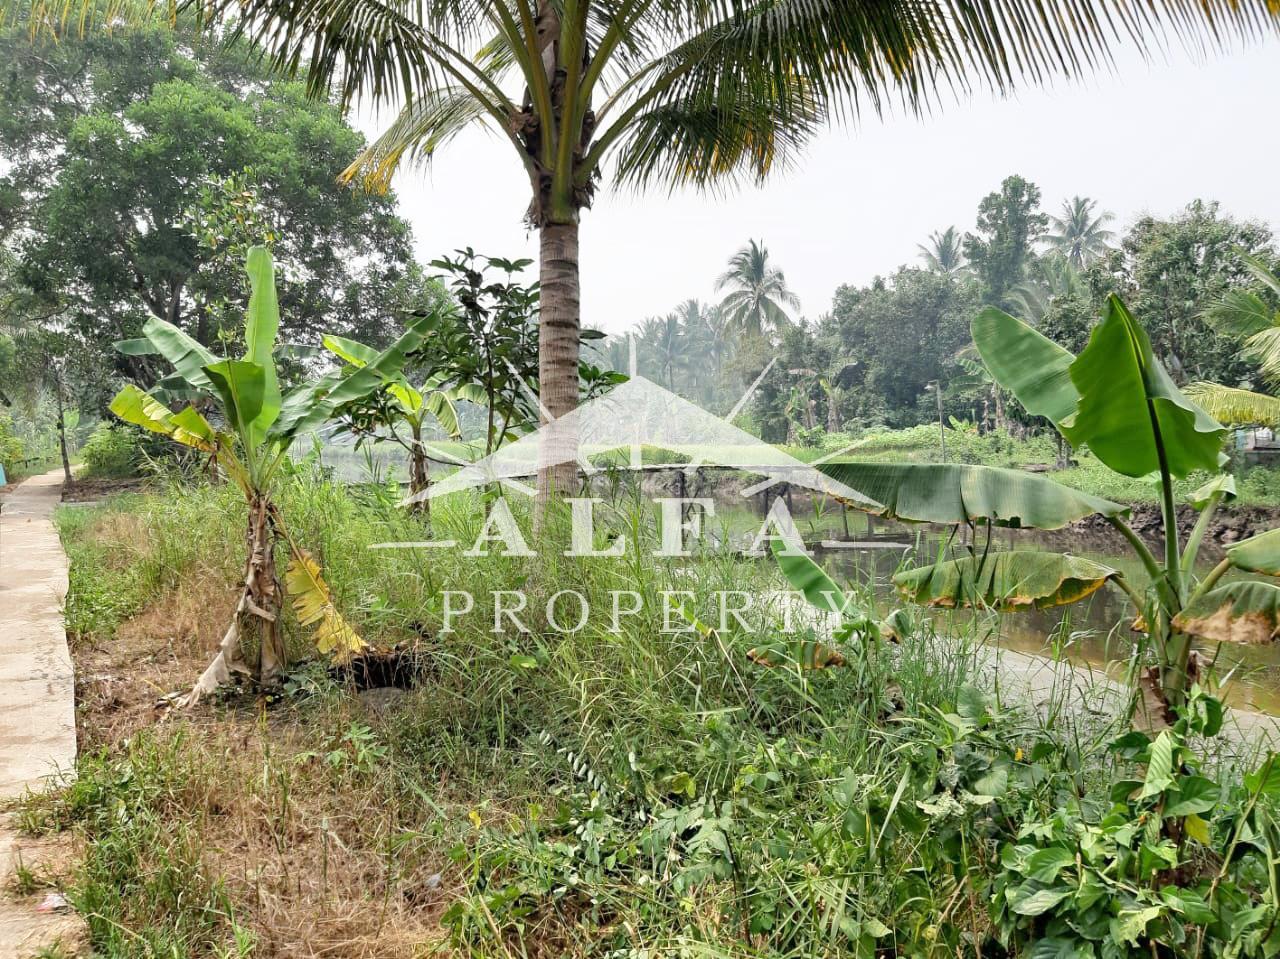 Tanah Pal 13 Kakap, Pontianak, Kalimantan Barat - 3